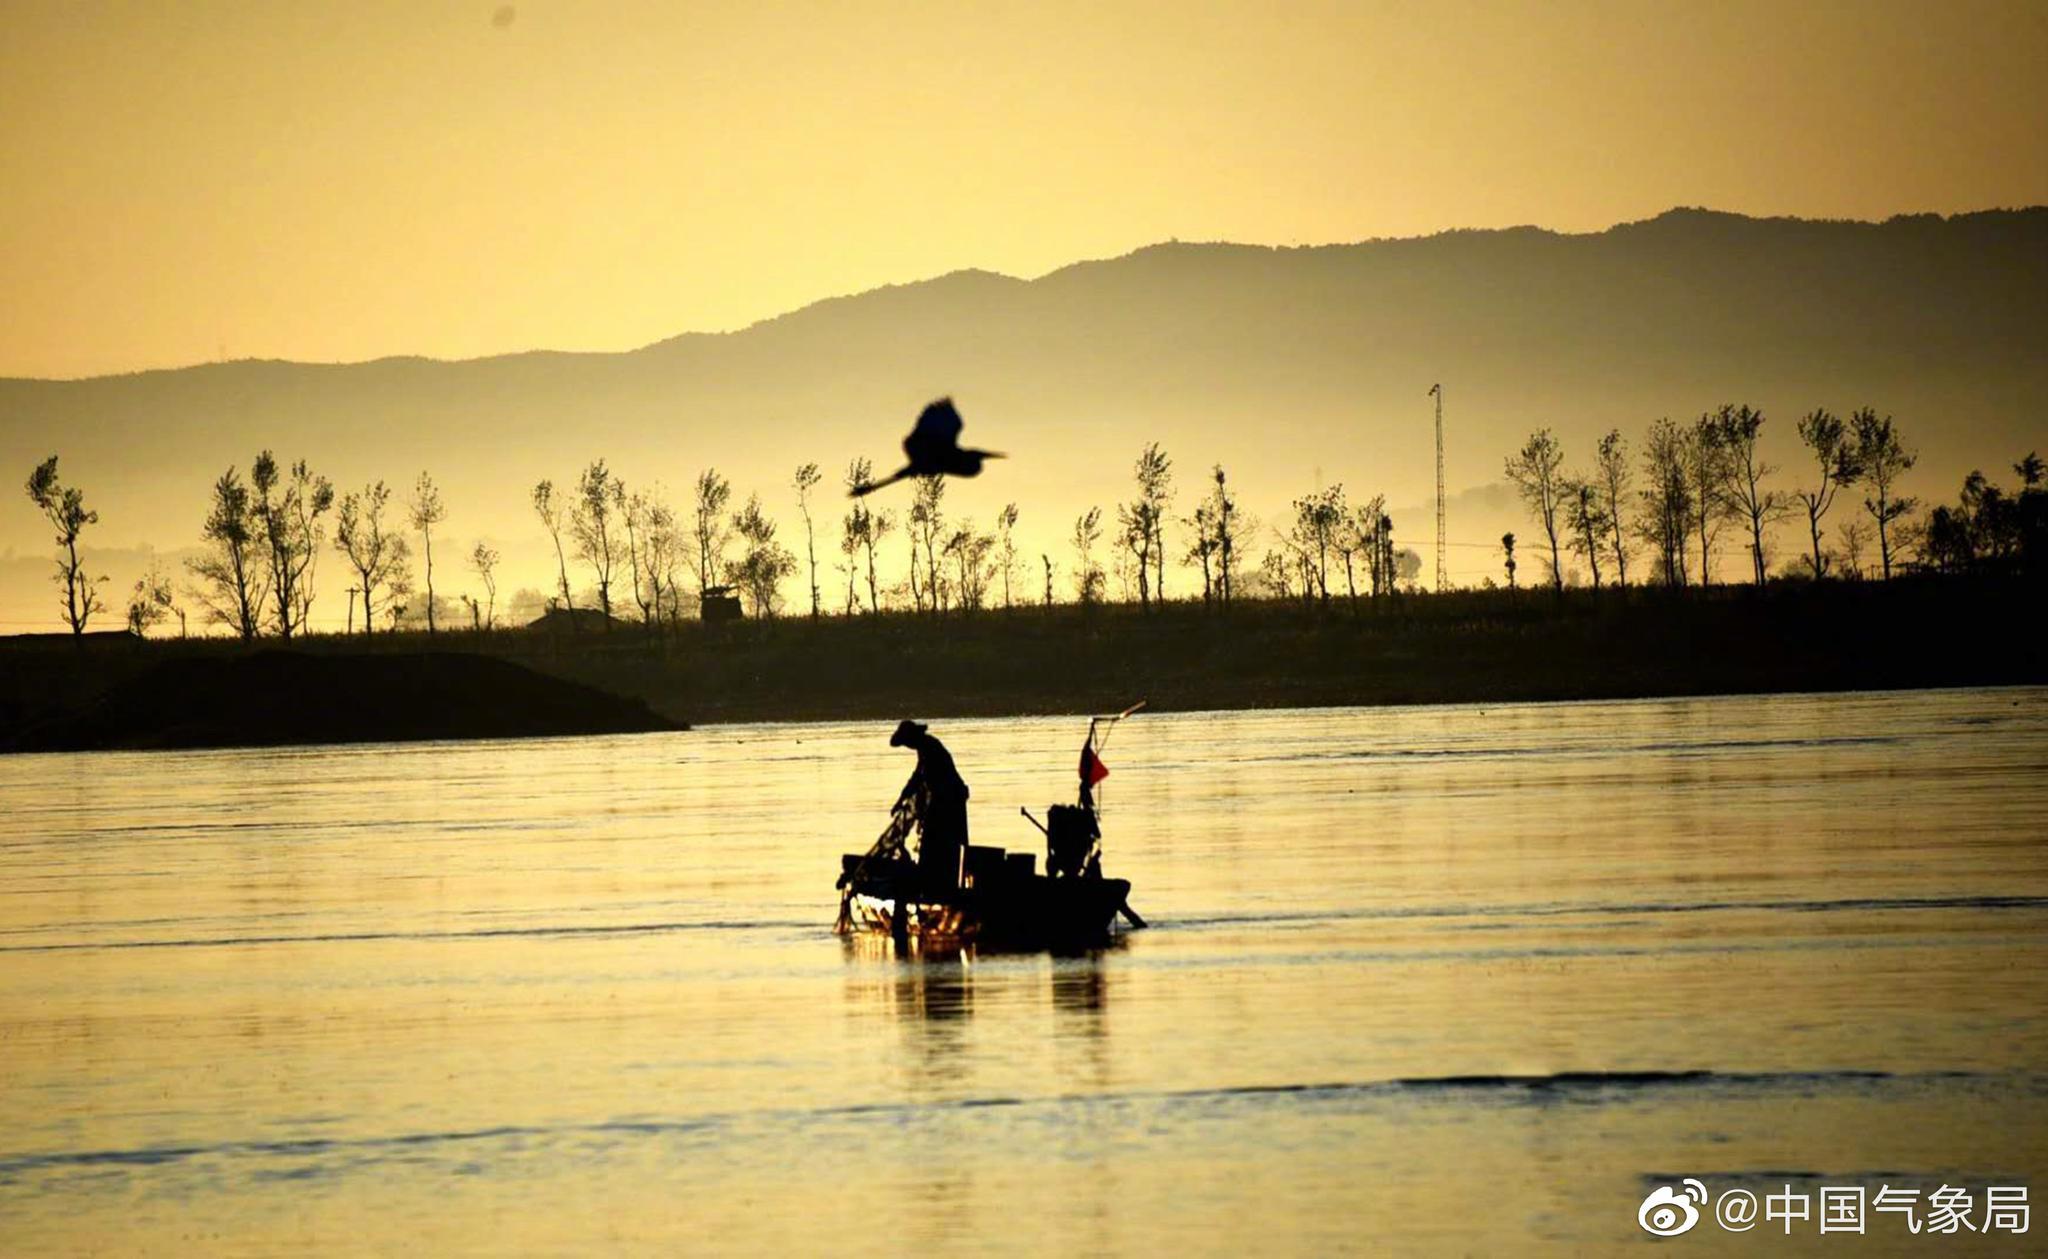 好美的剪影傍晚时分,落日余晖映射鸭绿江畔